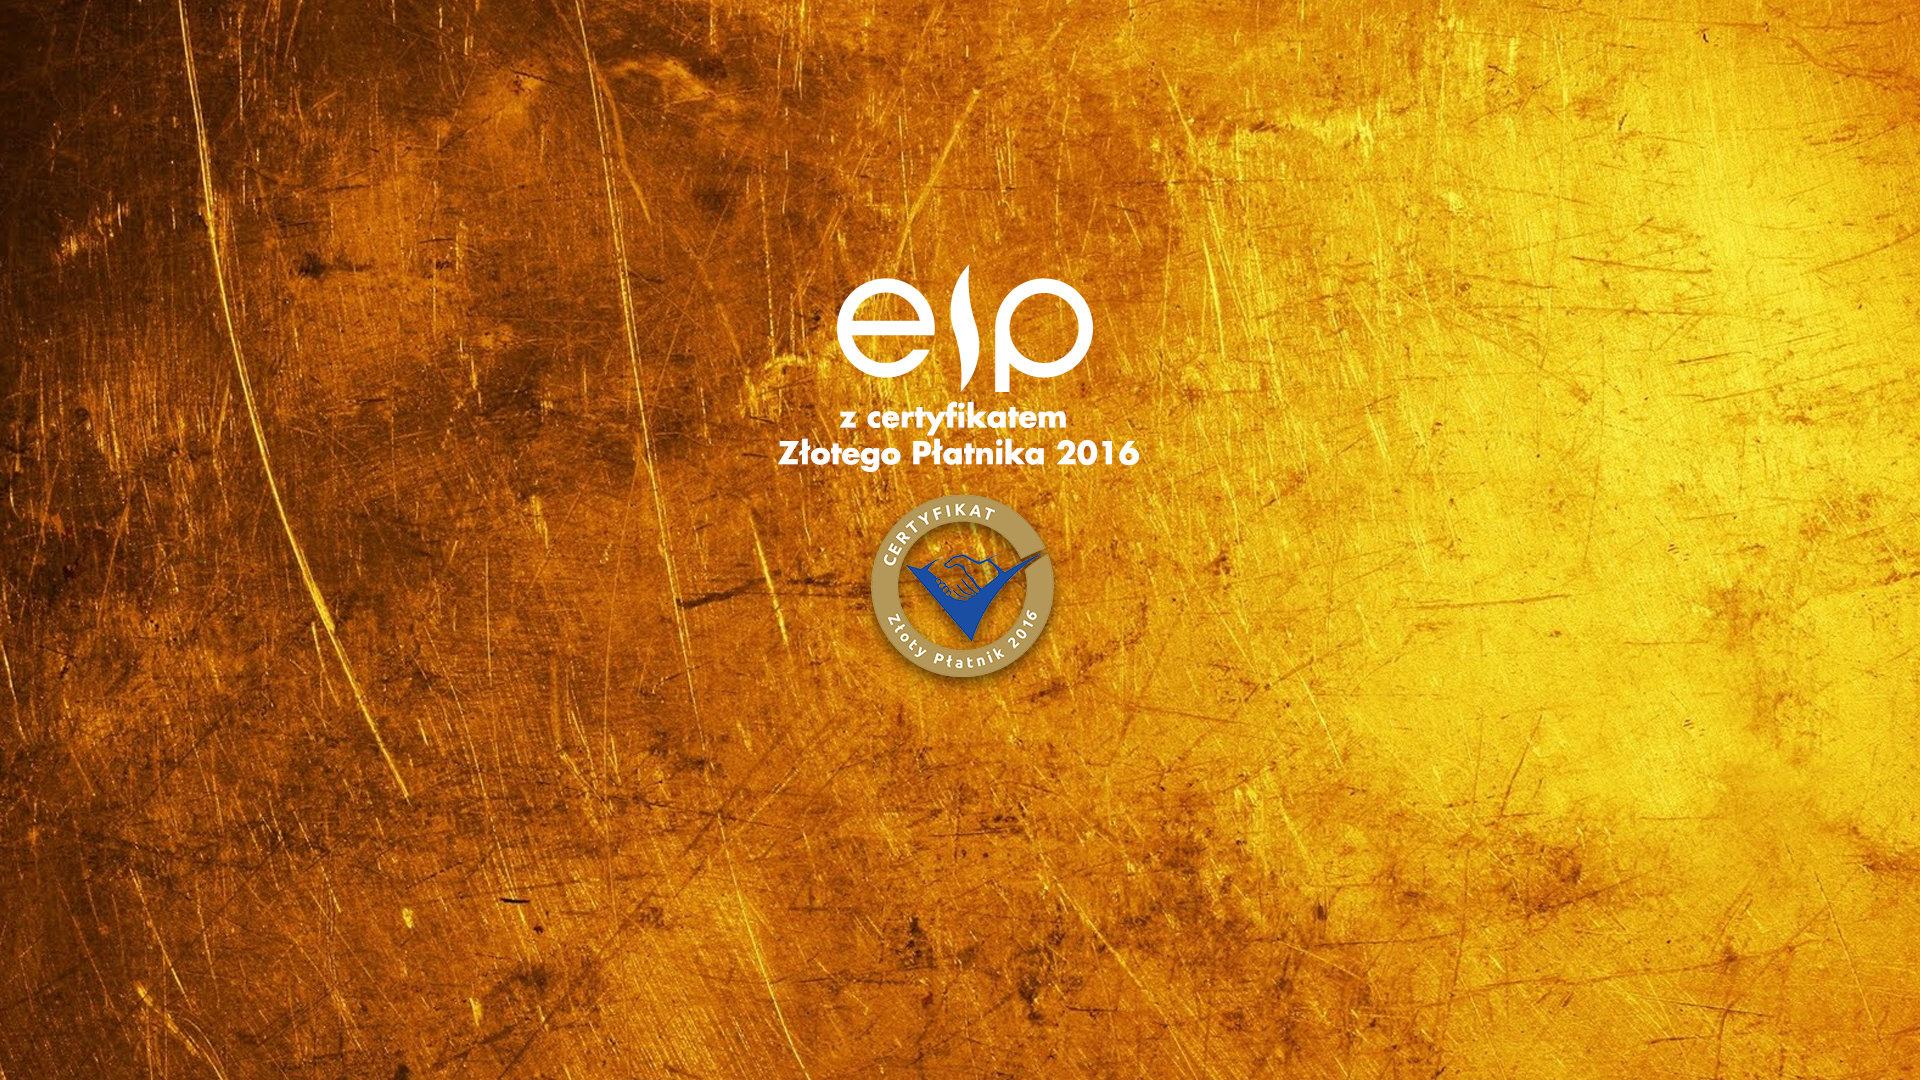 EIP wyróżnione certyfikatem Złotego Płatnika!